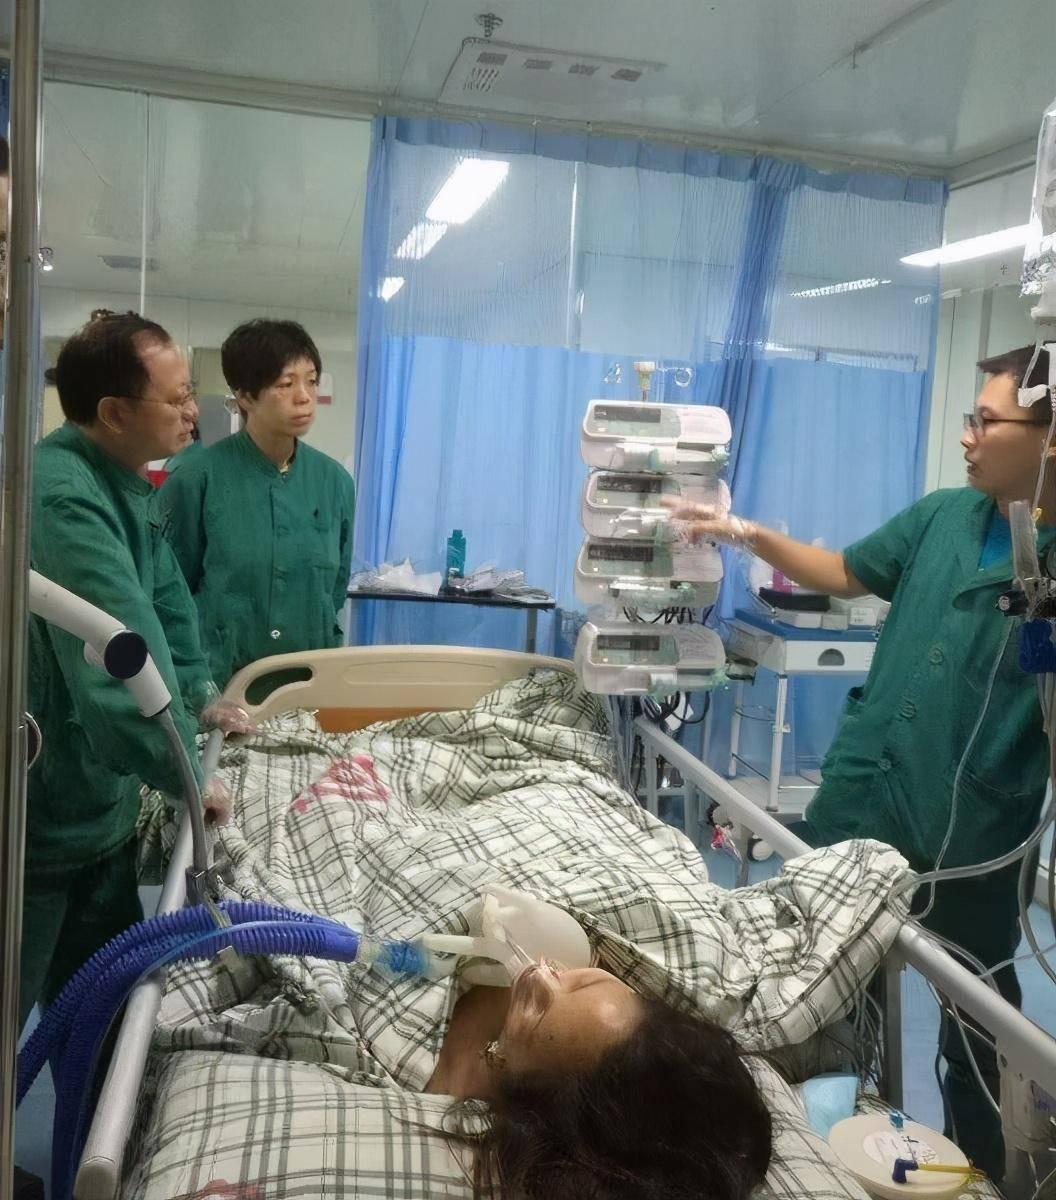 21岁女孩腹痛昏迷,医院内不治身亡,医生气愤 都是他男友害的图片